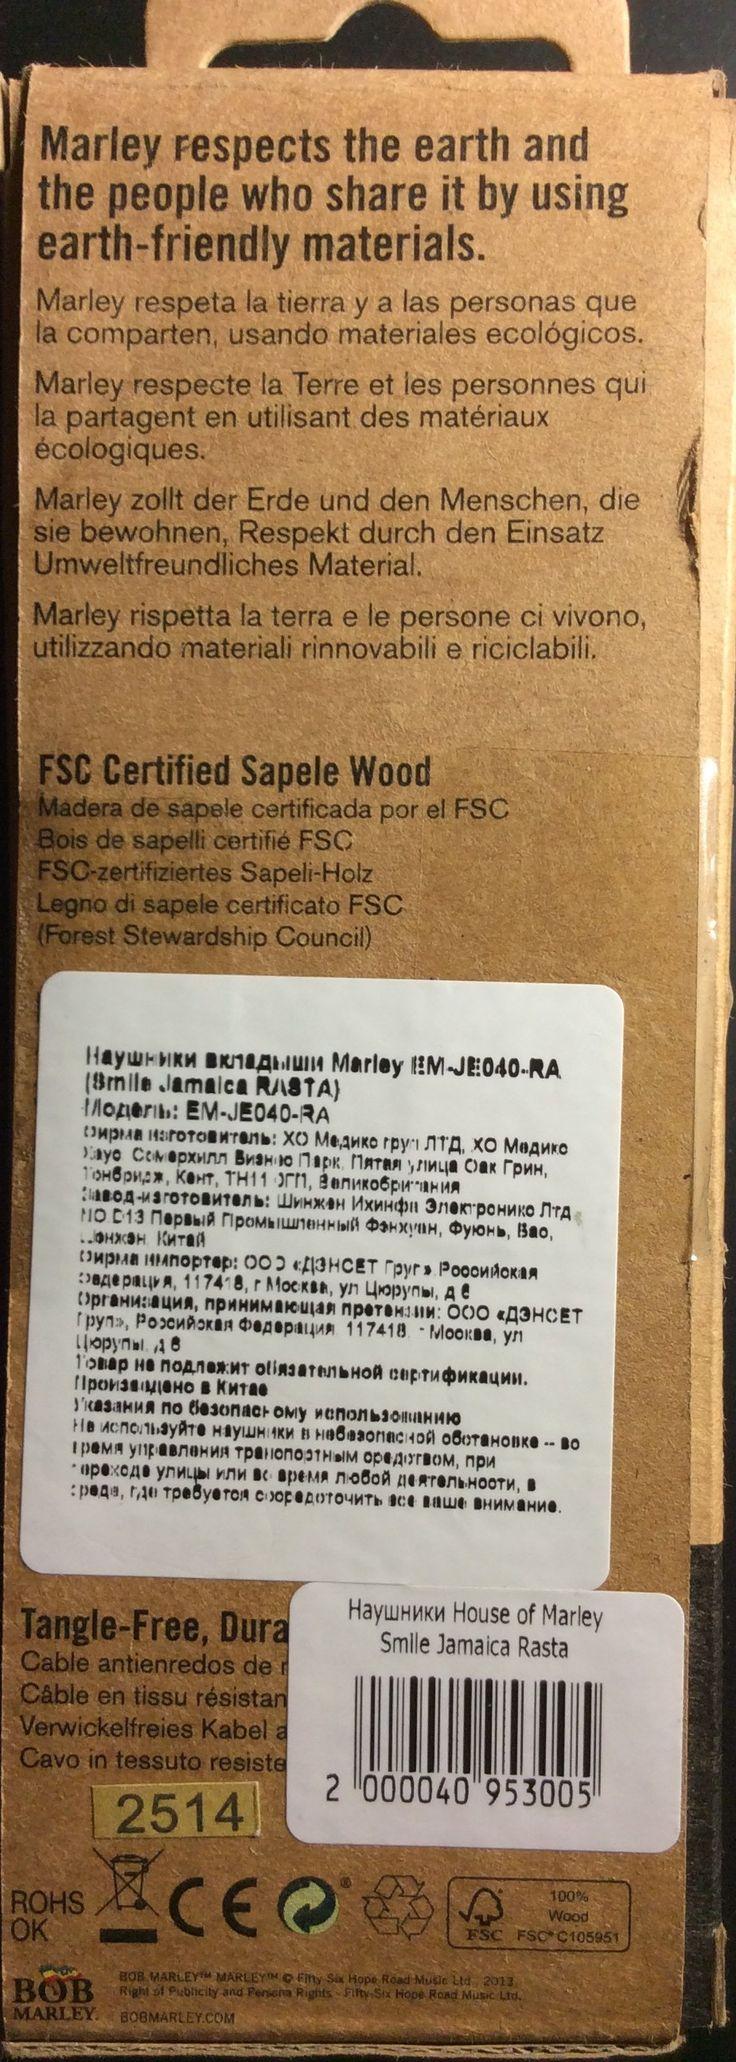 """Упаковка из под наушников. Внизу видно знак     """" FSC"""" -знак Лесного попечительского совета (Forest Stewardship Council). Этим знаком маркируется древесина из устойчиво управляемых лесов и продукции из неё. Сертификат FSC гарантирует правильное обращение с лесами, людьми, которые так или иначе с ними связаны, и то, что вся цепочка поставок (заготовители, переработчики, продавцы) доставляет потребителю продукцию, заготовленную именно в этих лесах."""